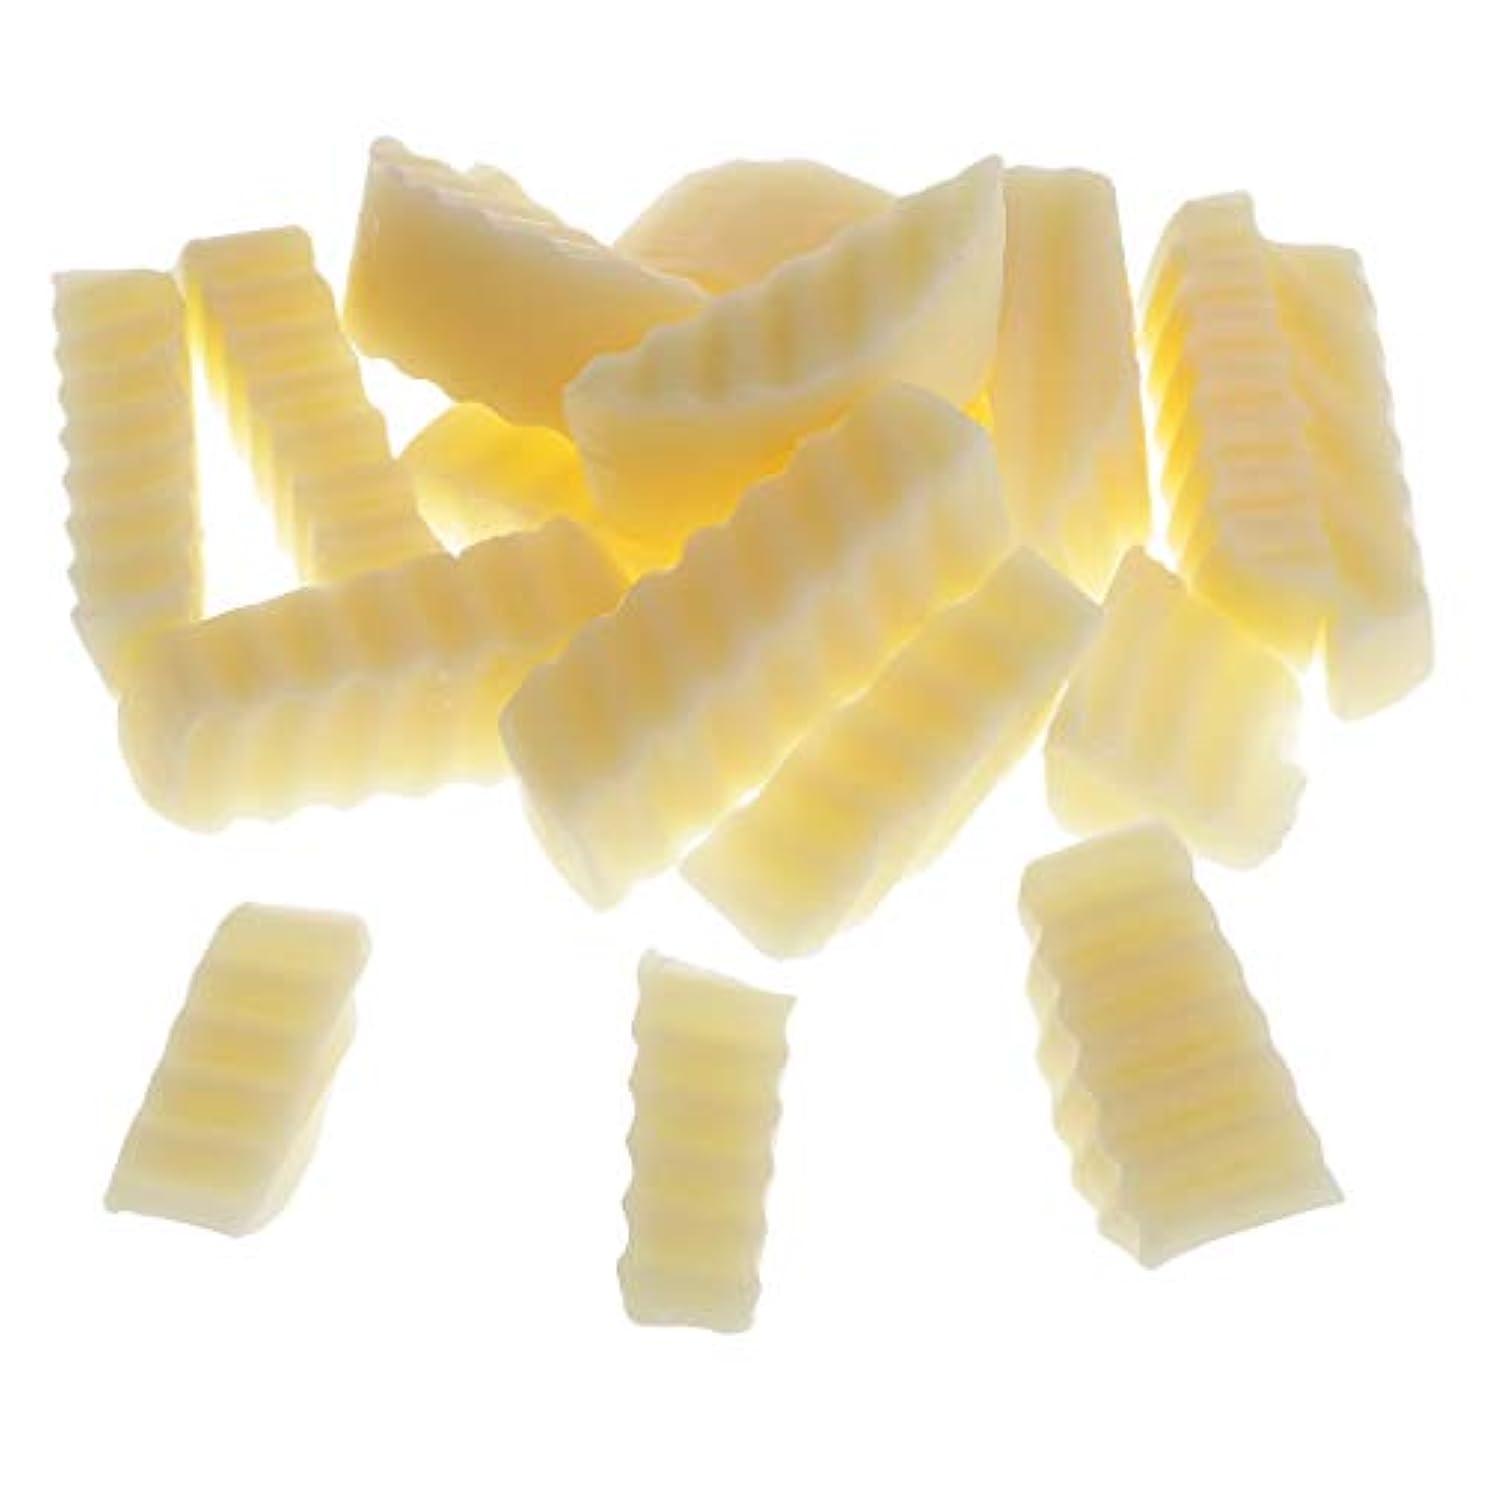 量ラベンダー古風なFLAMEER ラノリン石鹸 自然な素材 DIY手作り 石鹸 固形せっけん 約250g /パック 高品質